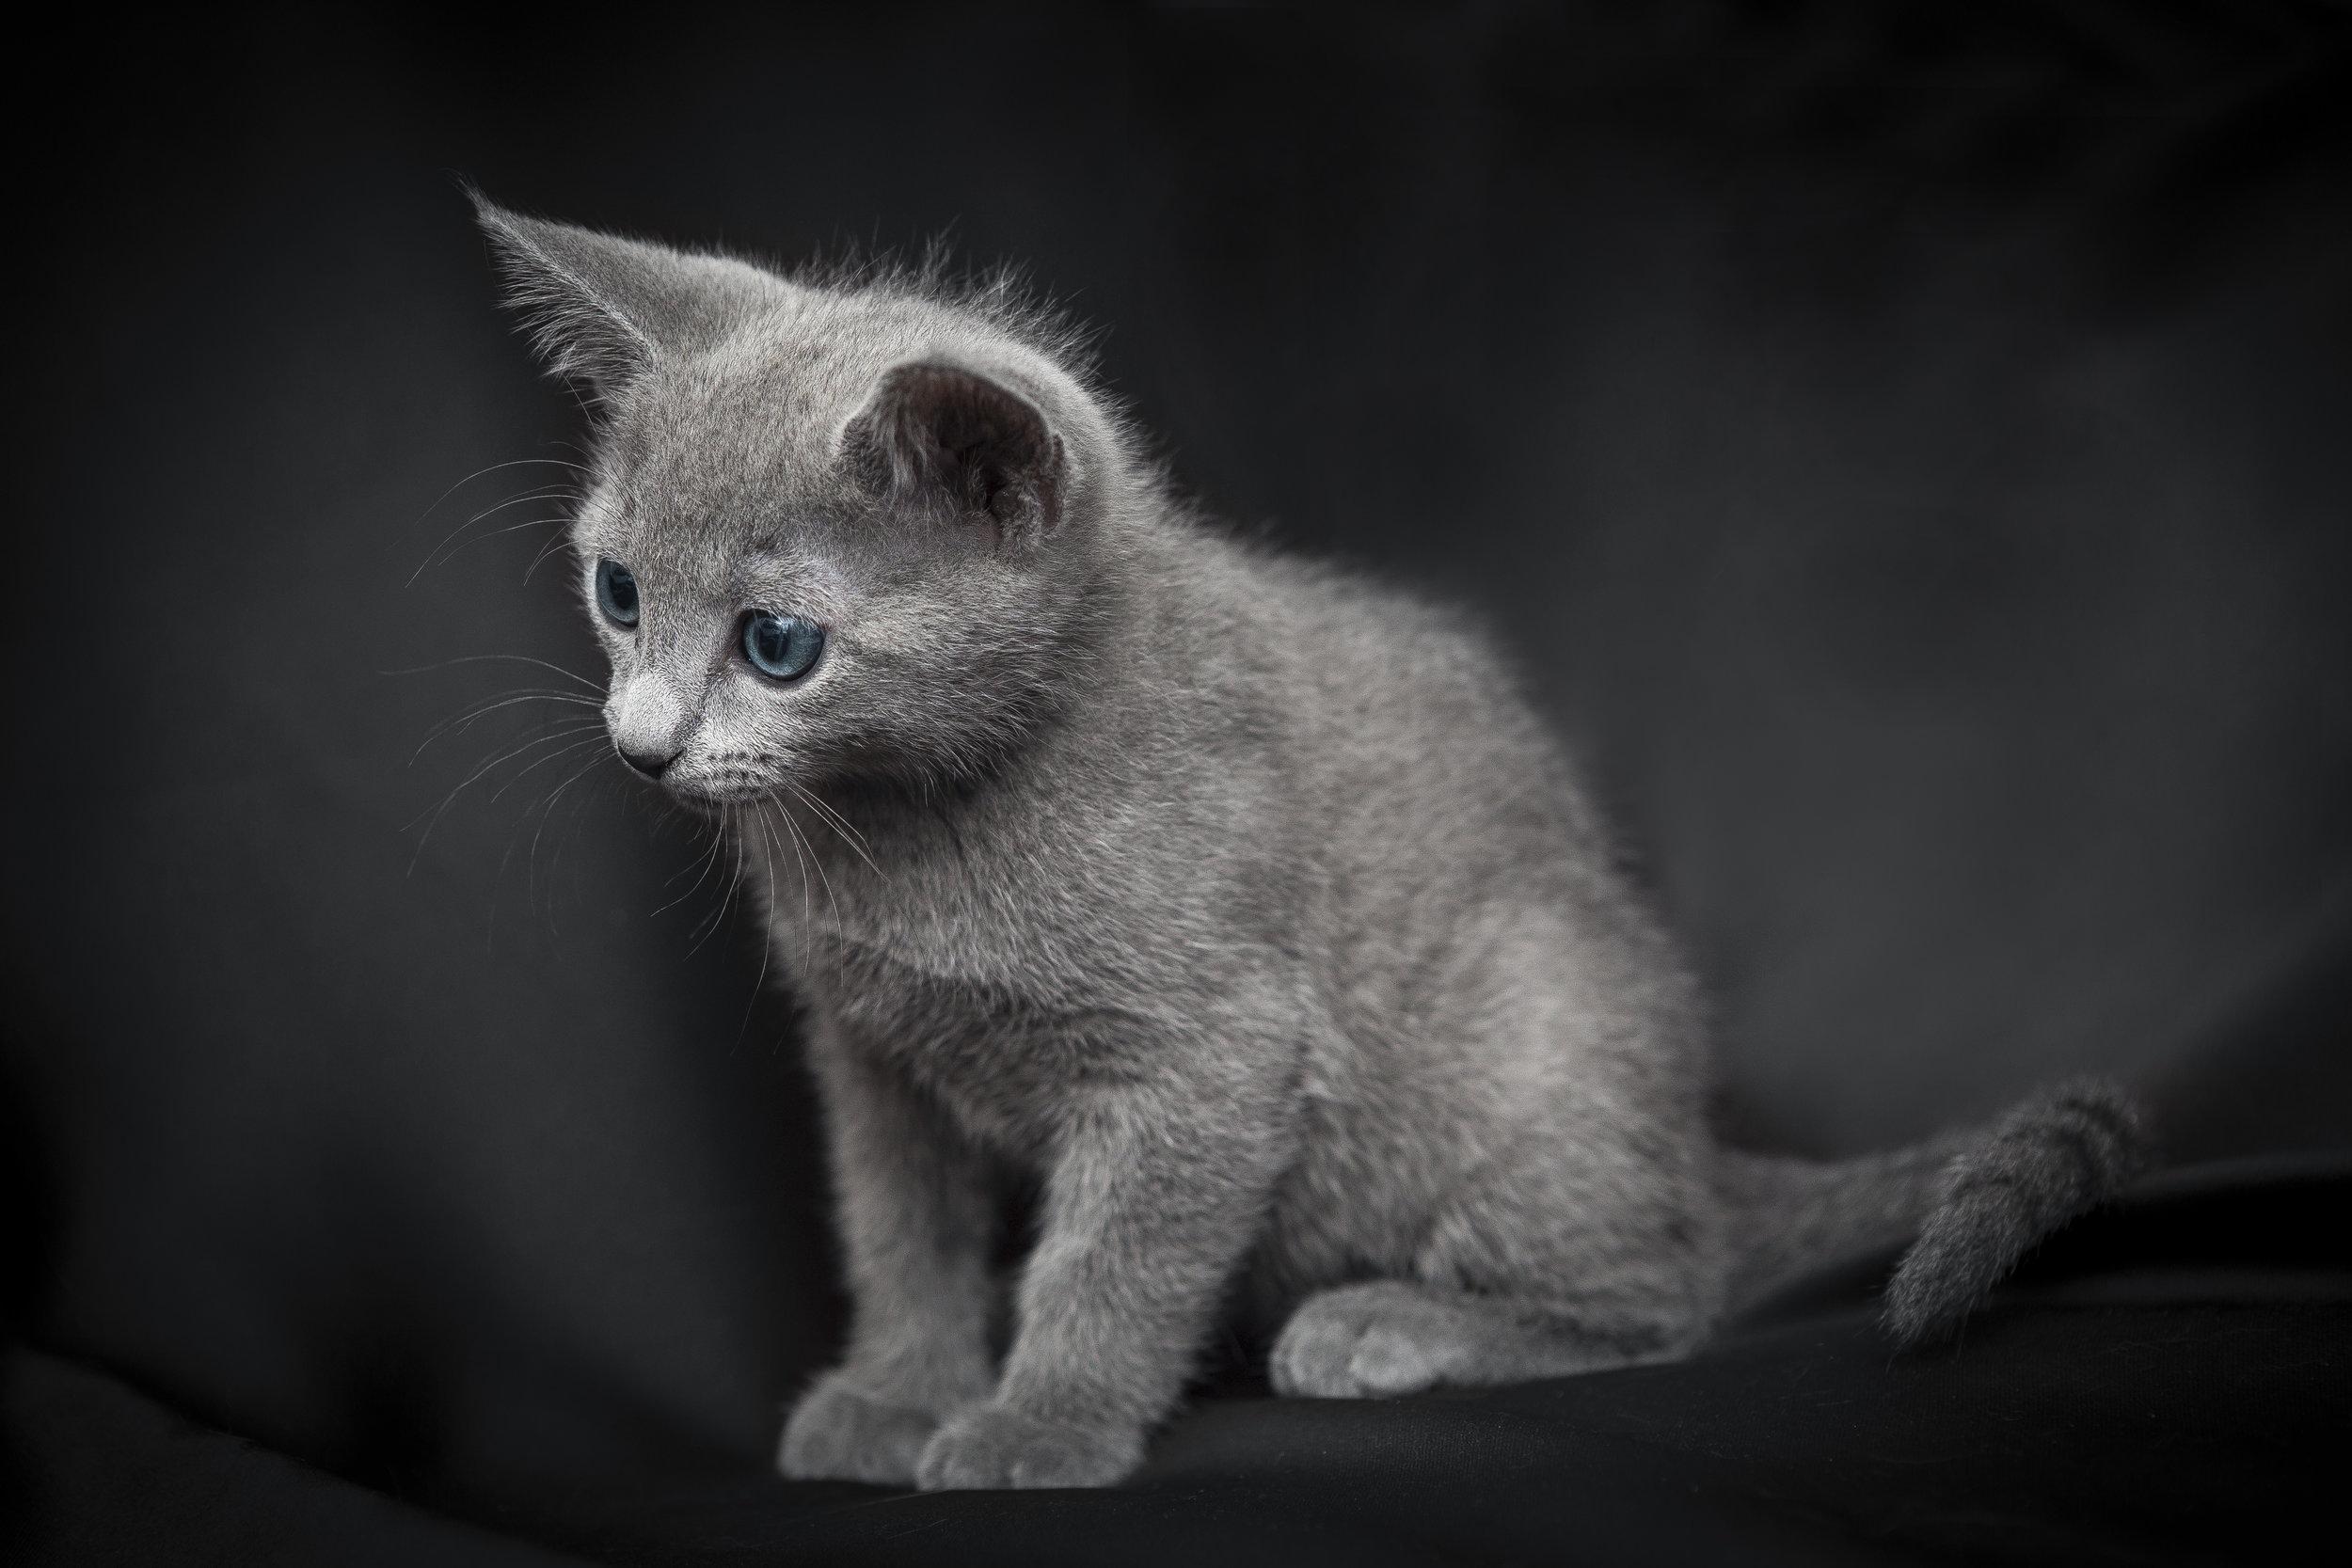 Gattino curioso ritratto con Canon EOS